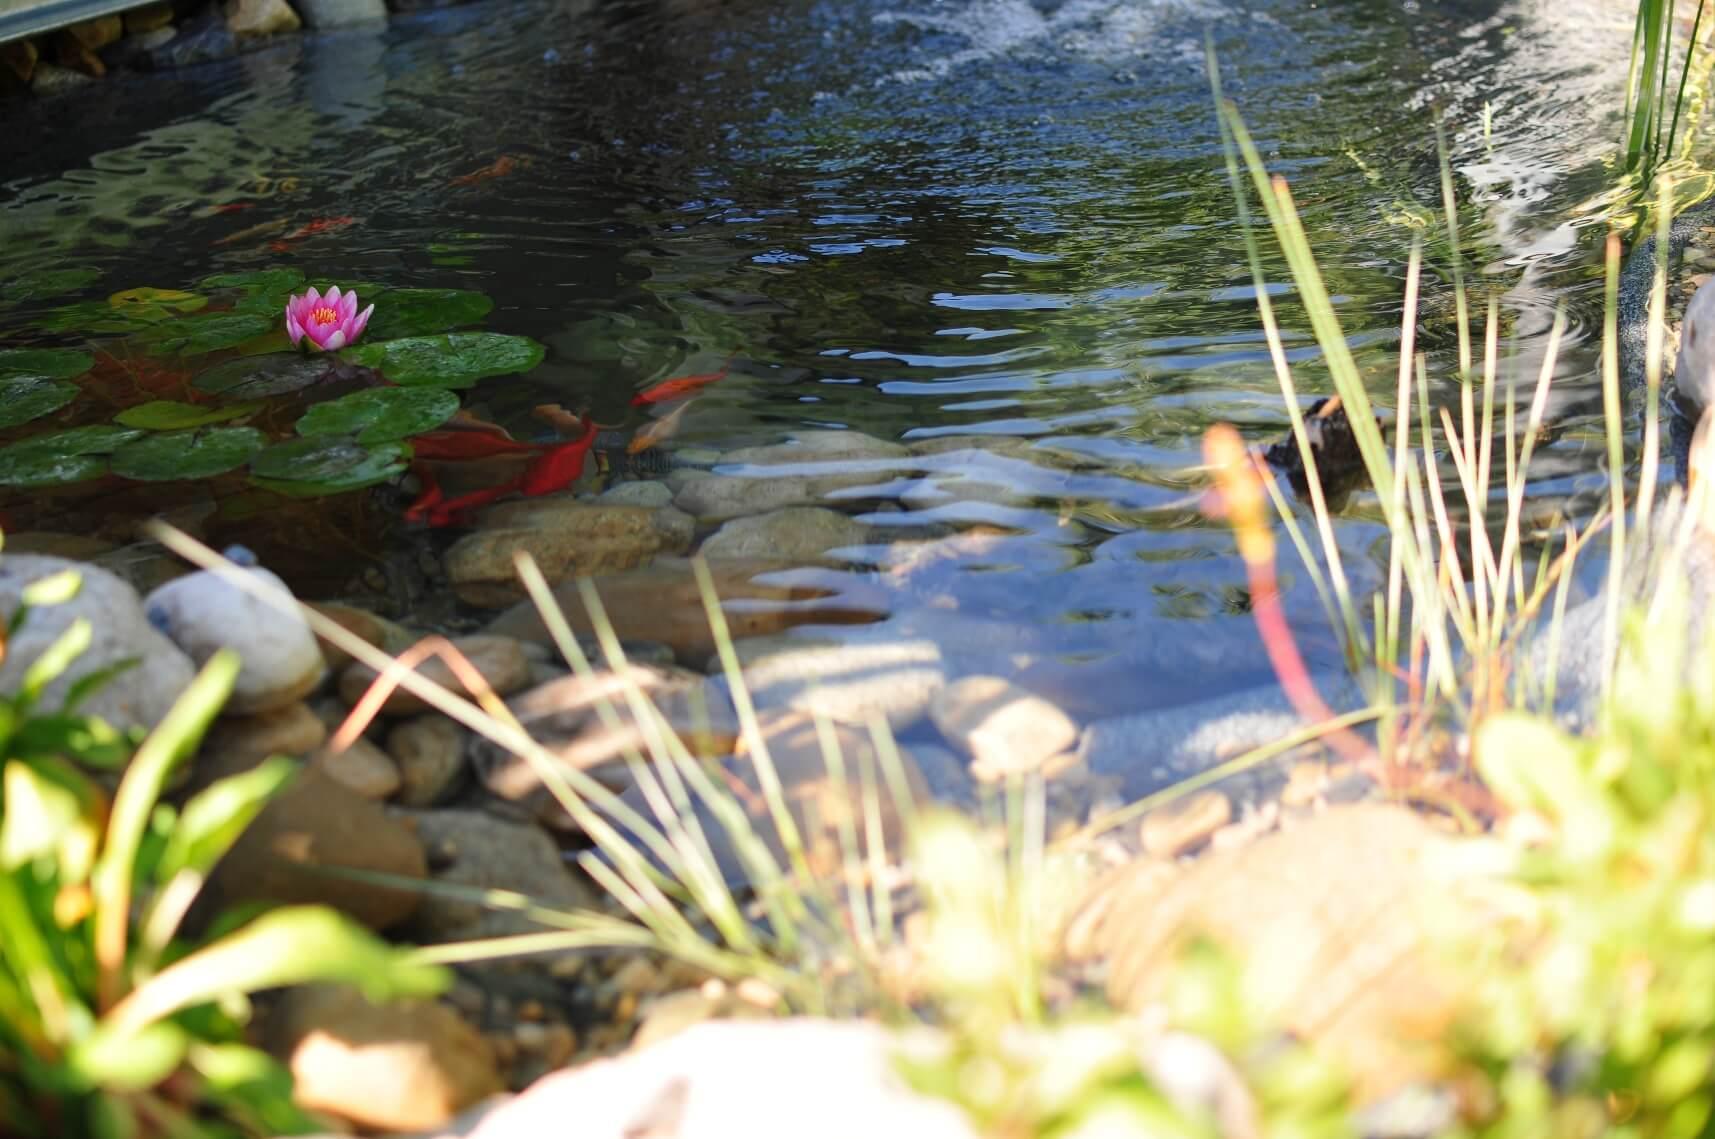 michael ellig étang bassin eau cours riviere paysagiste statues aellig paysages (6)